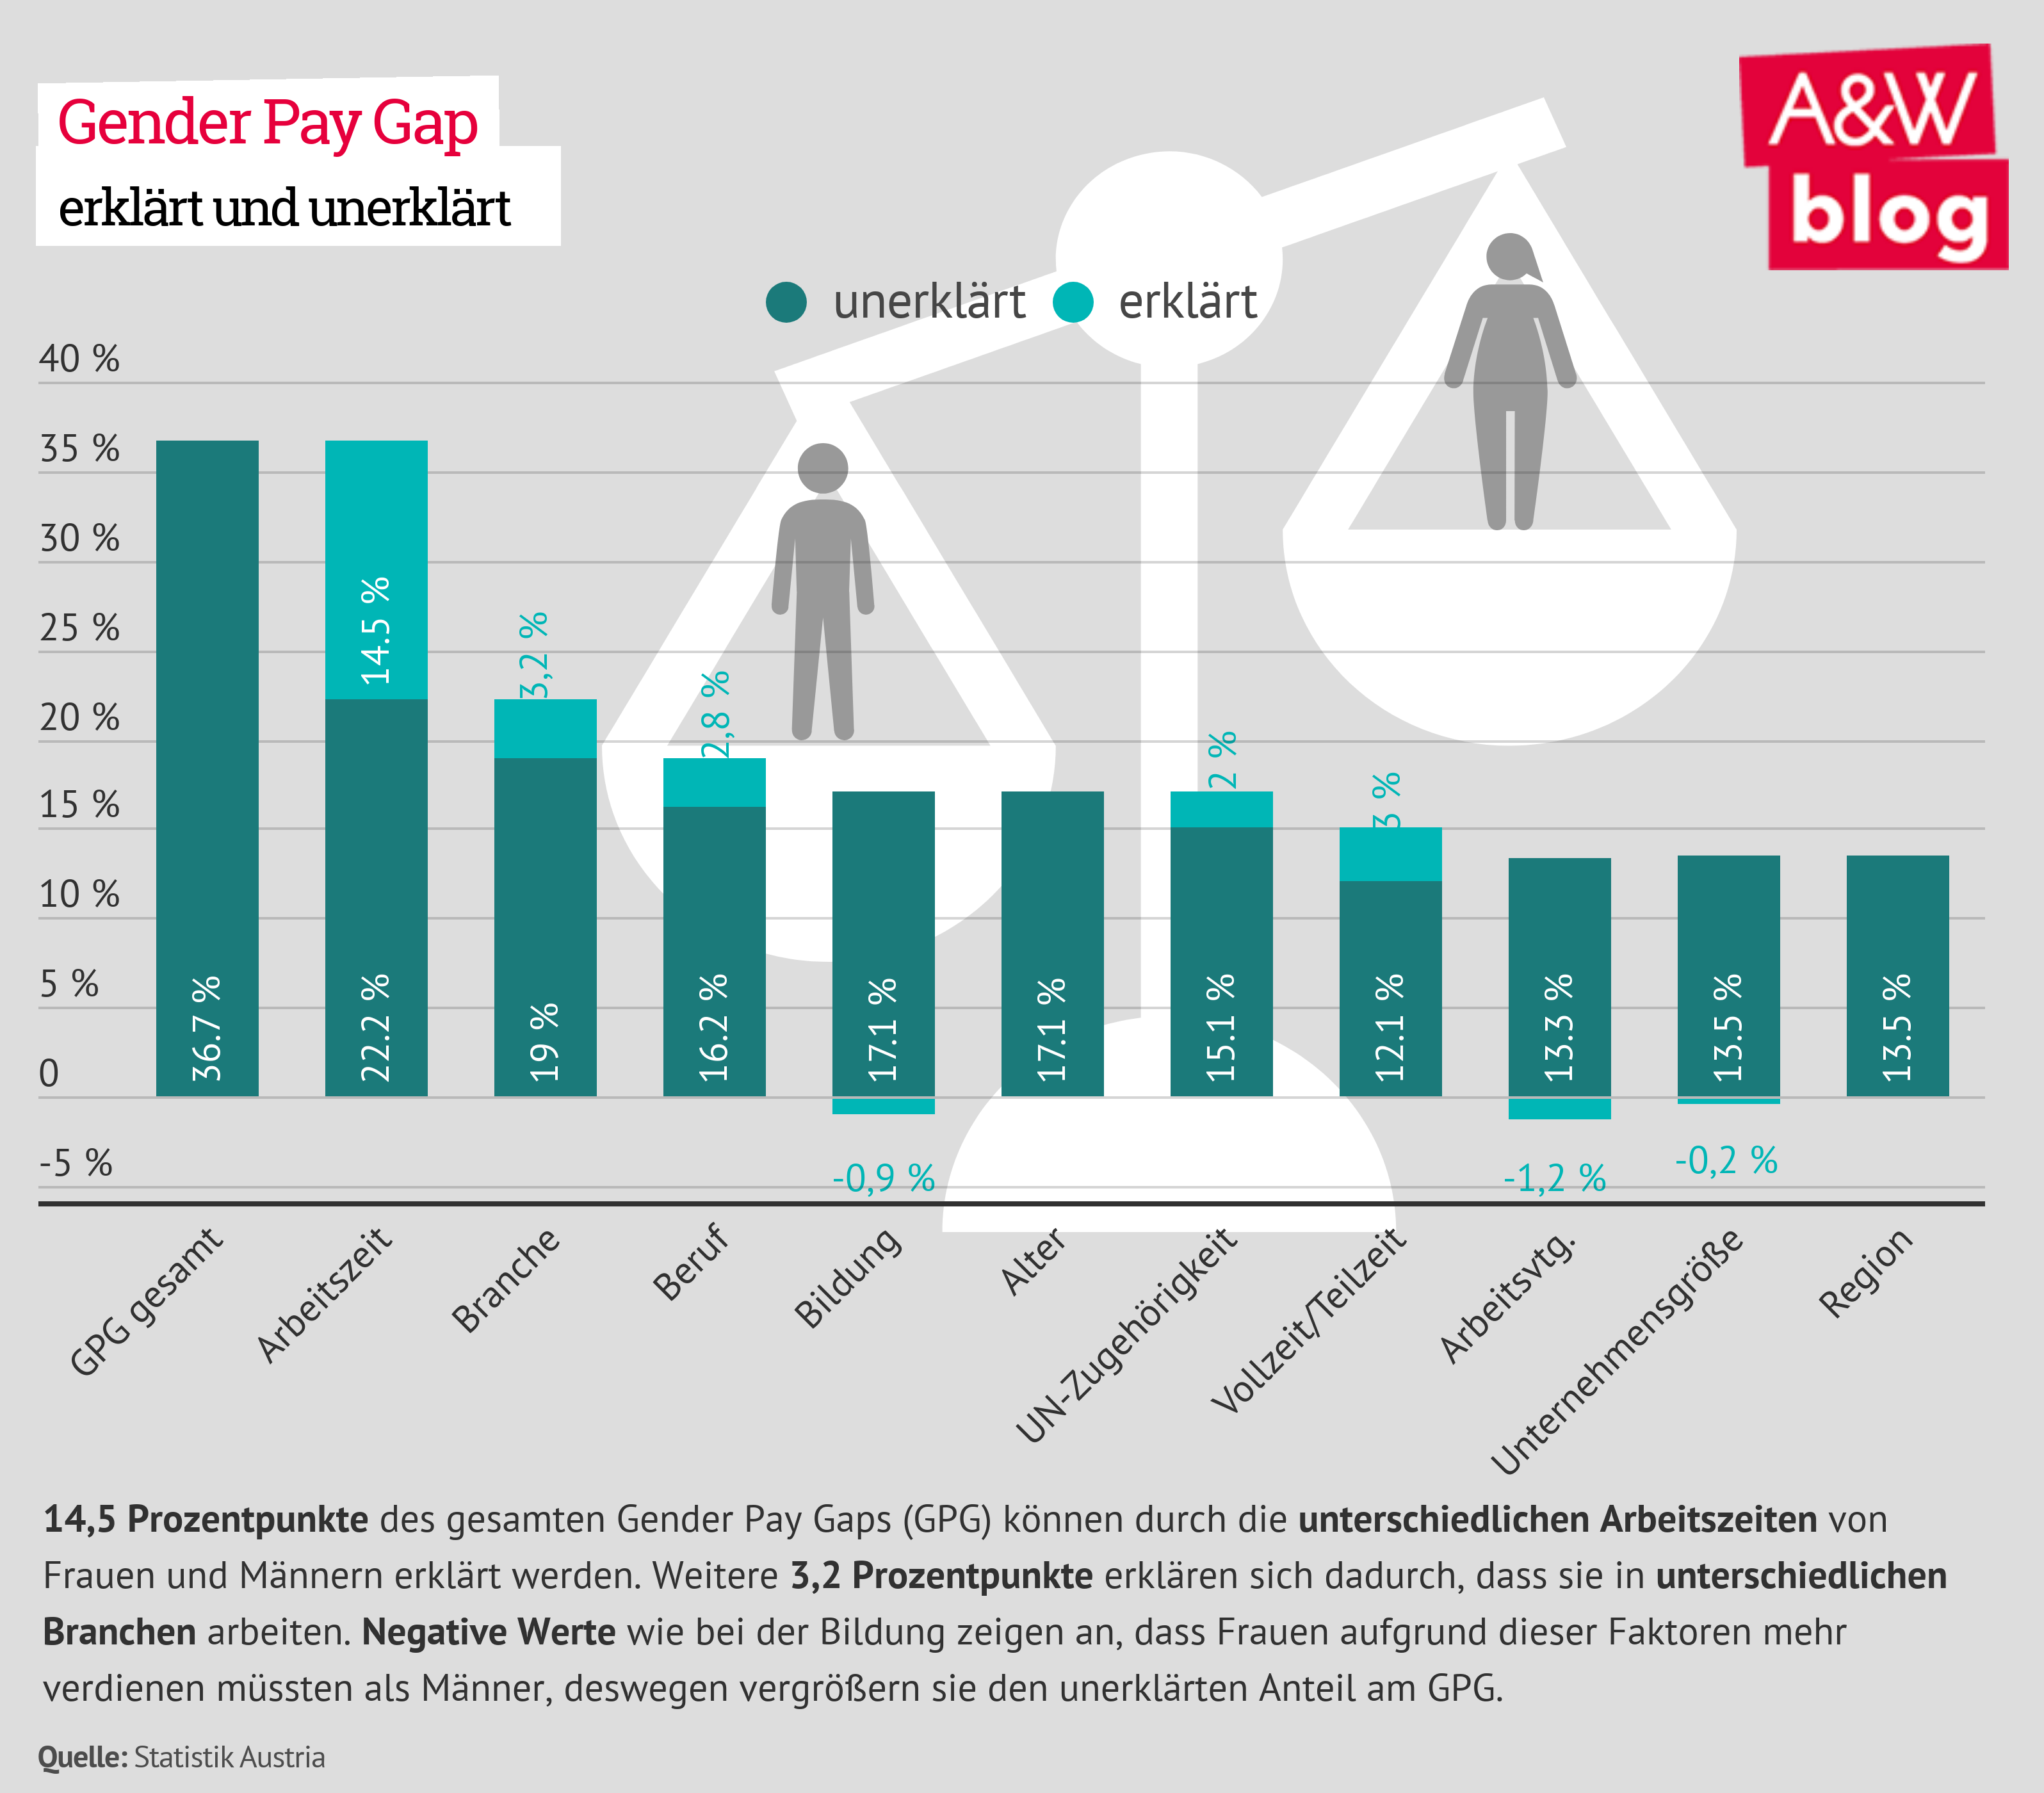 Gender Pay Gap erklärt und unerklärt